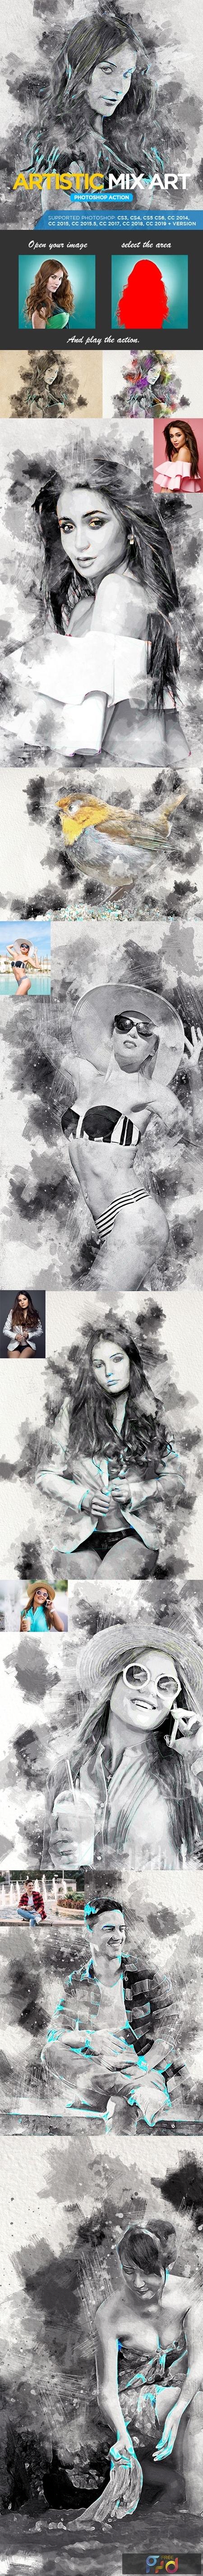 Artistic Mix Art Photoshop Action 22907668 1